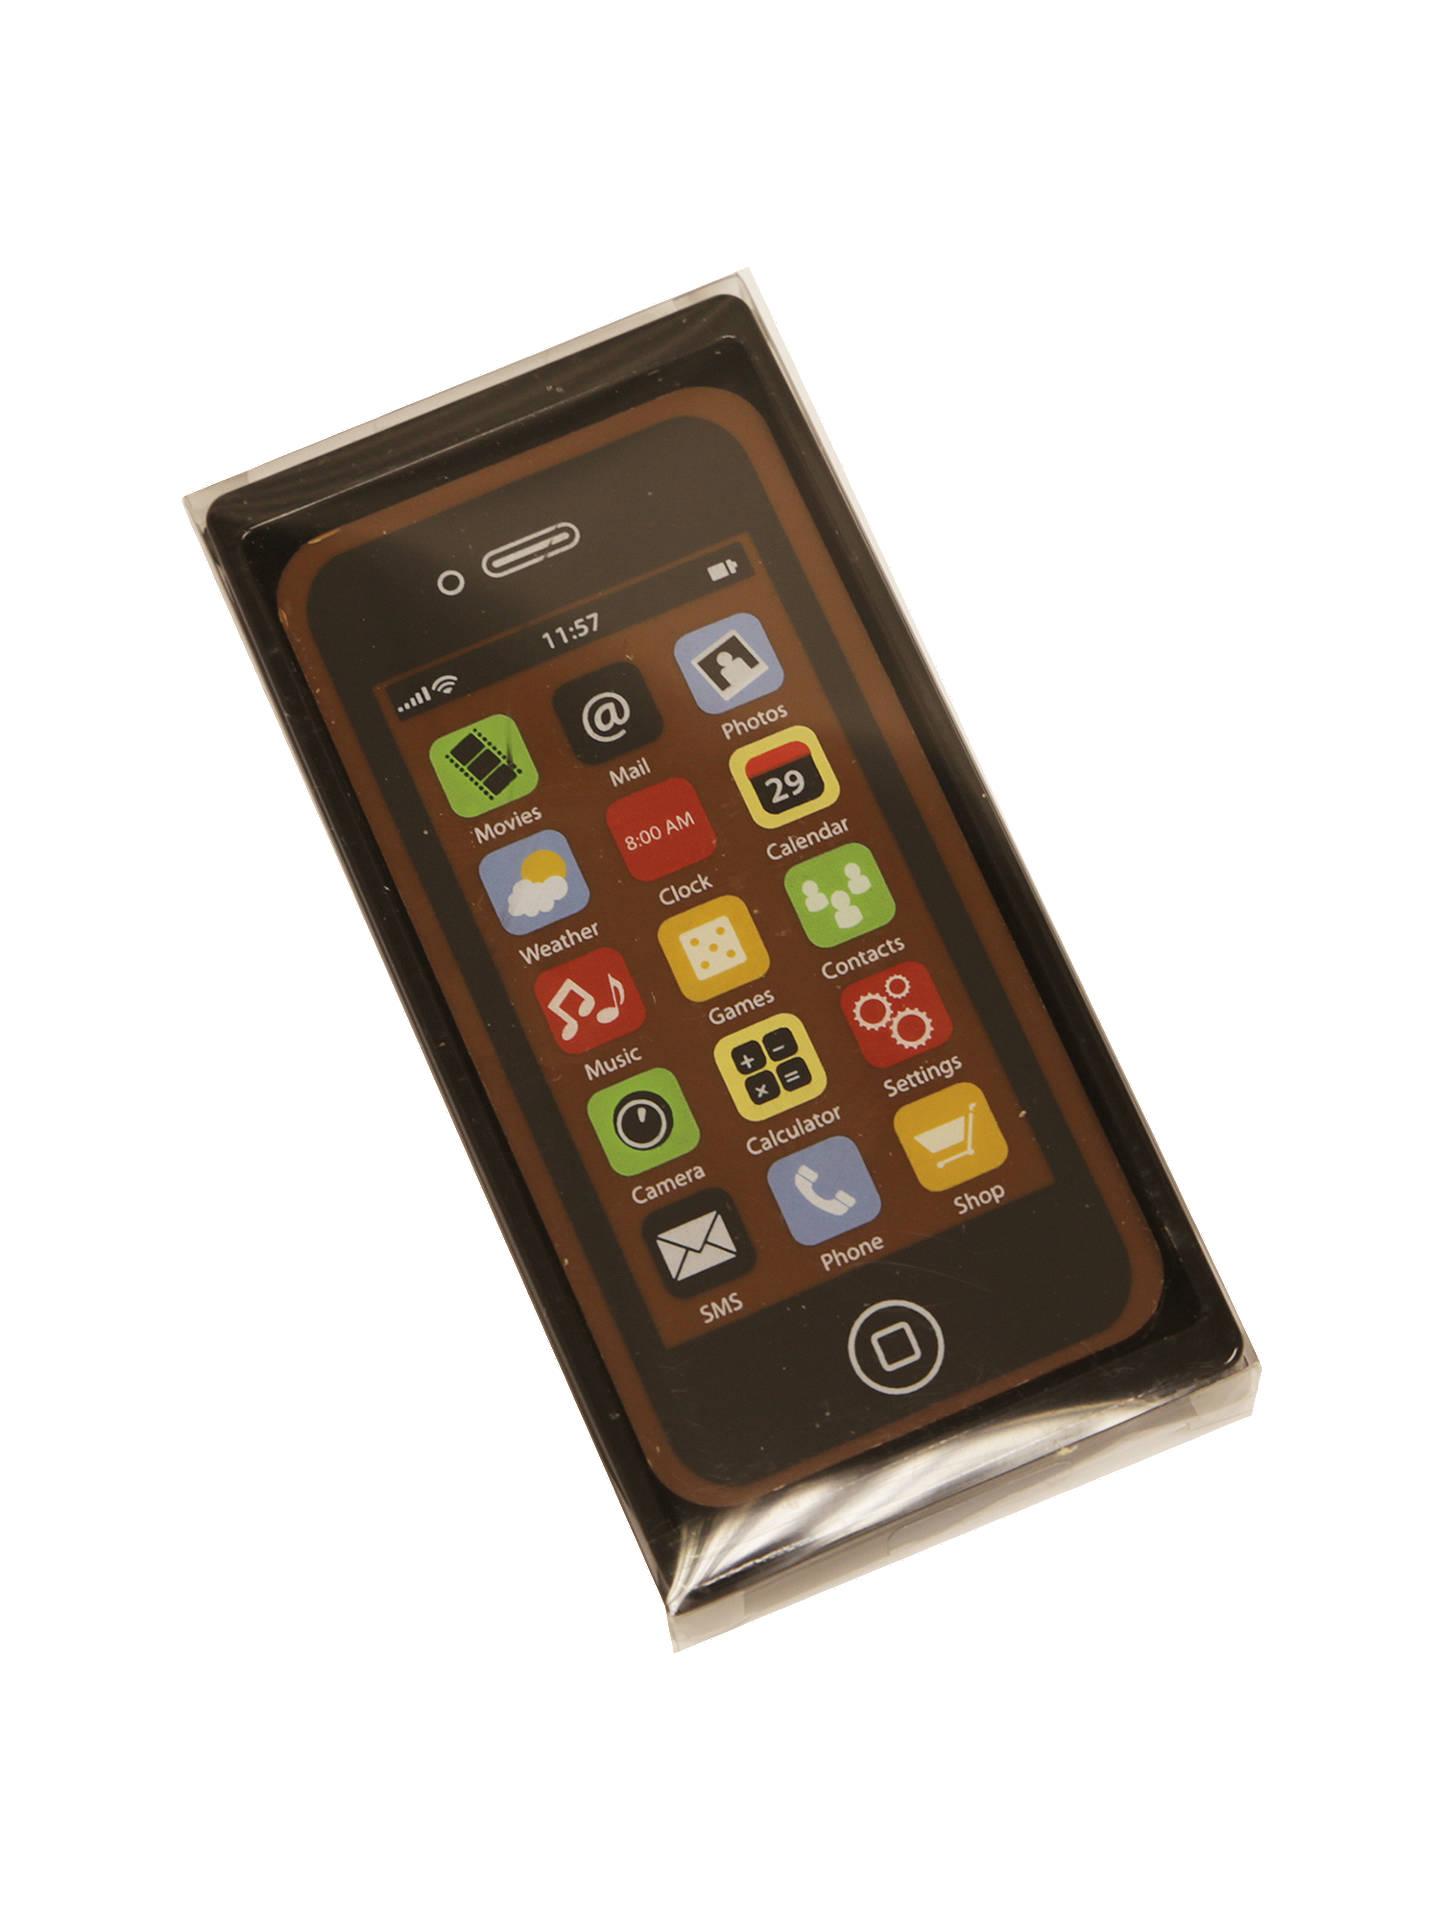 i got chocolate in my iphone speaker